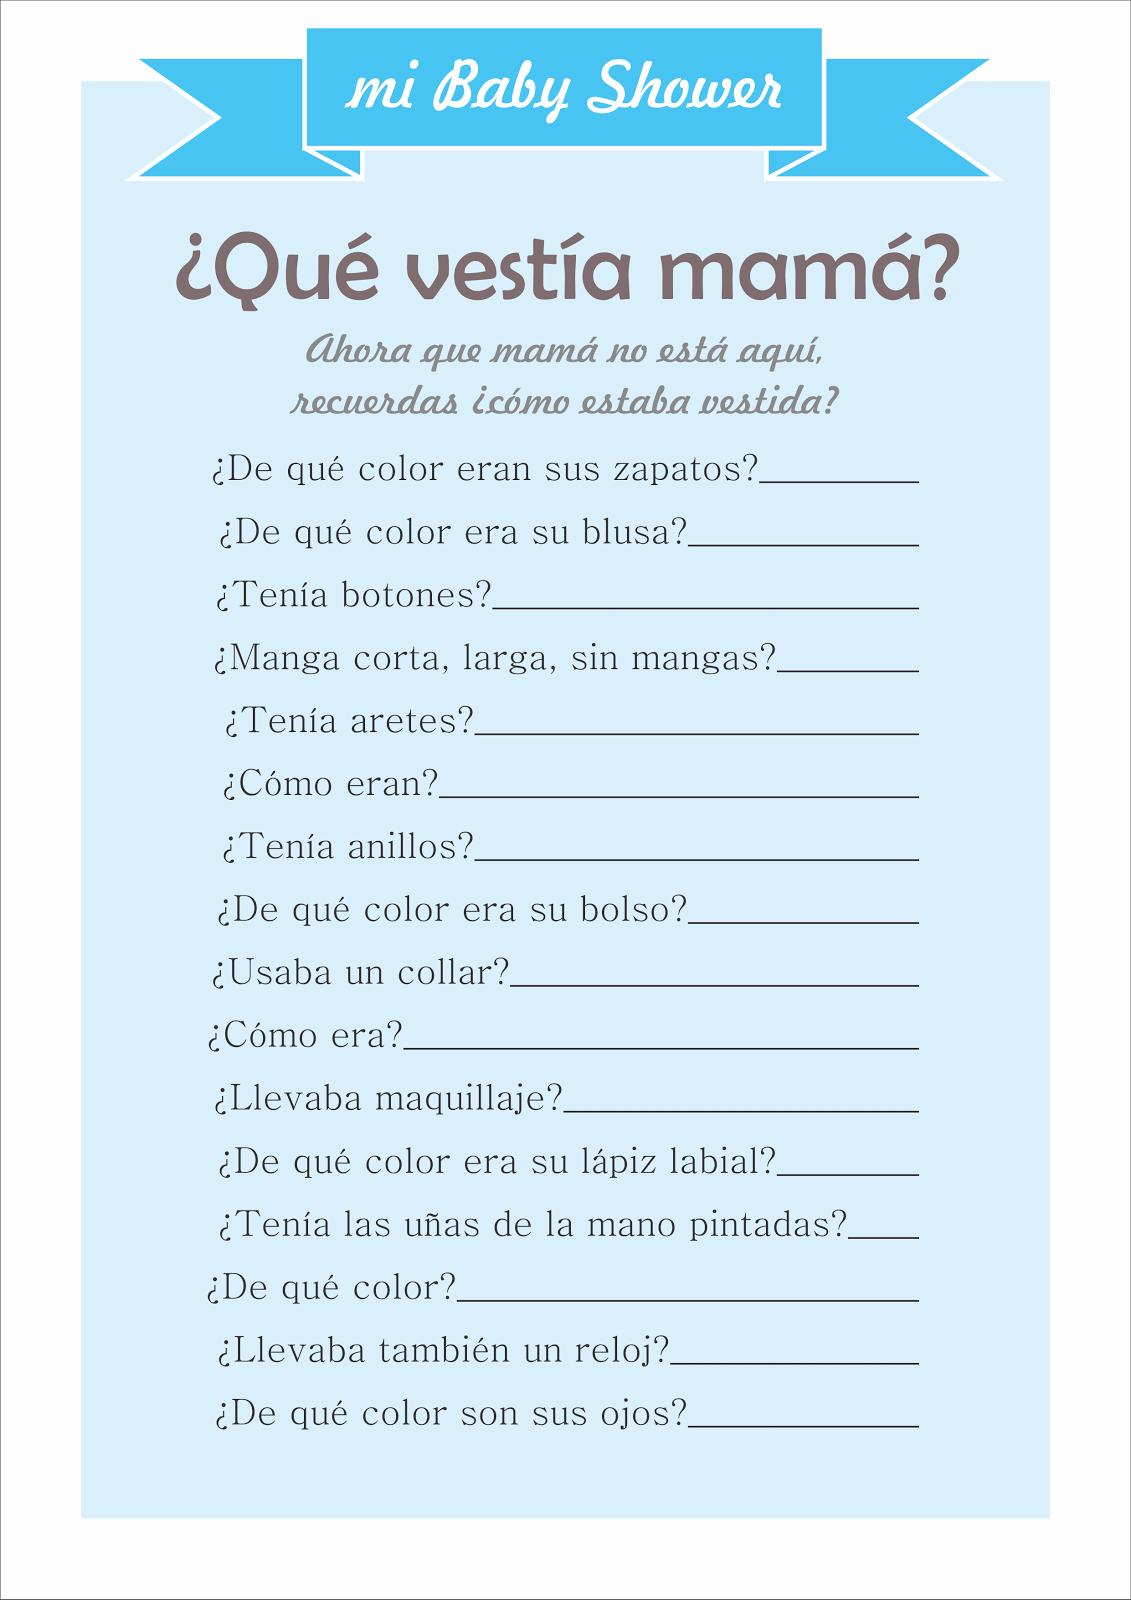 ¿Qué Vestía Mamá?